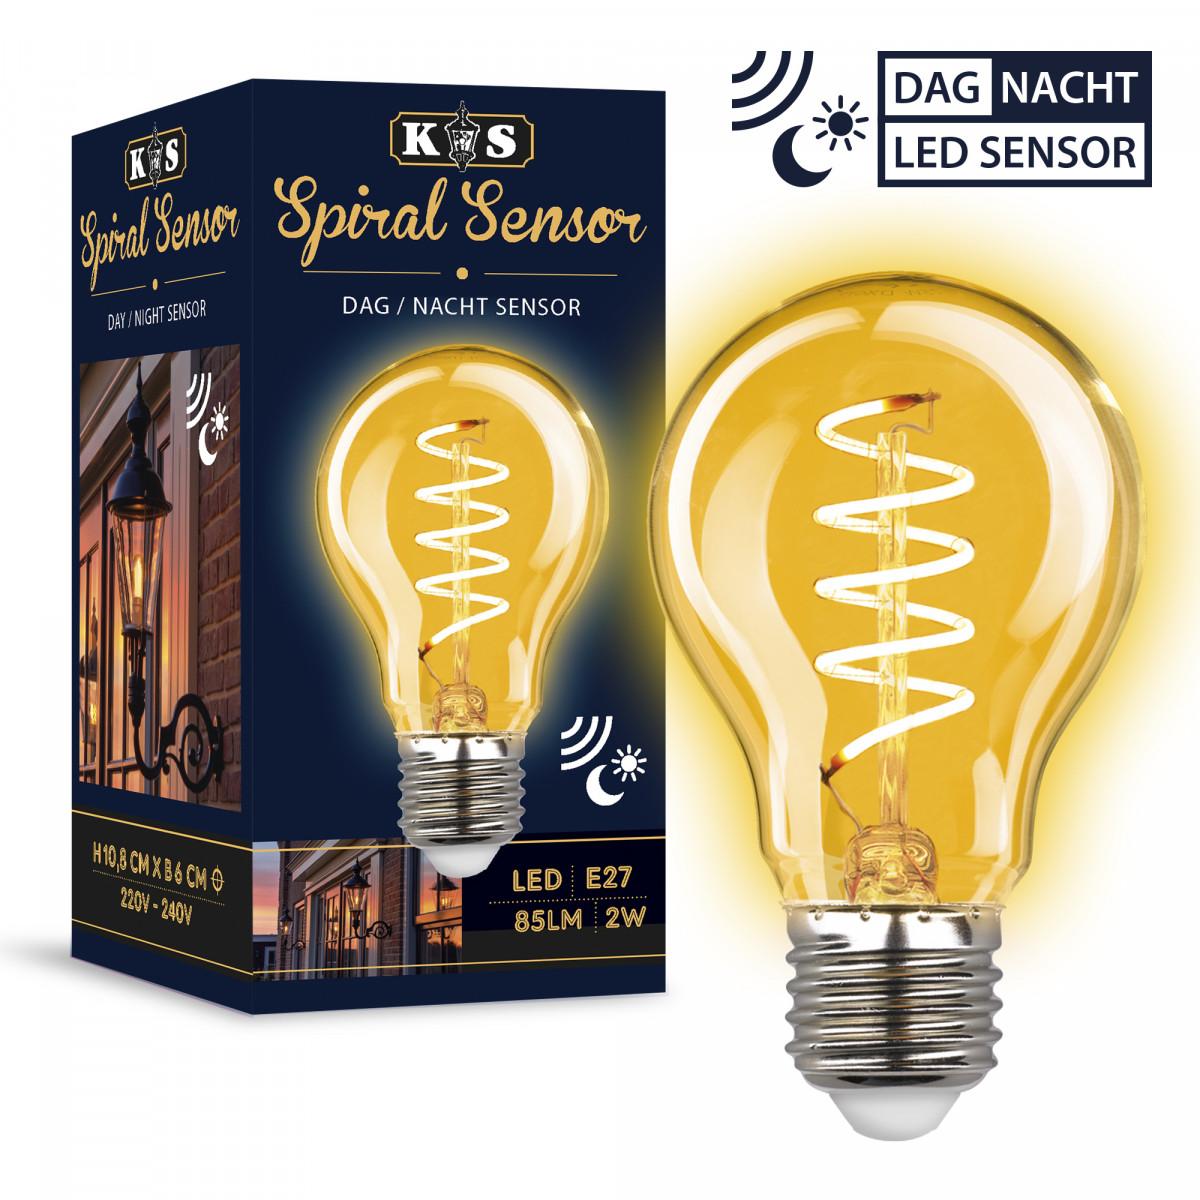 LED-Lichtquelle inkl. Tag/Nacht-Sensor (5897 LED) - KS Illumination - Lose Sensoren und Bewegungsmelder